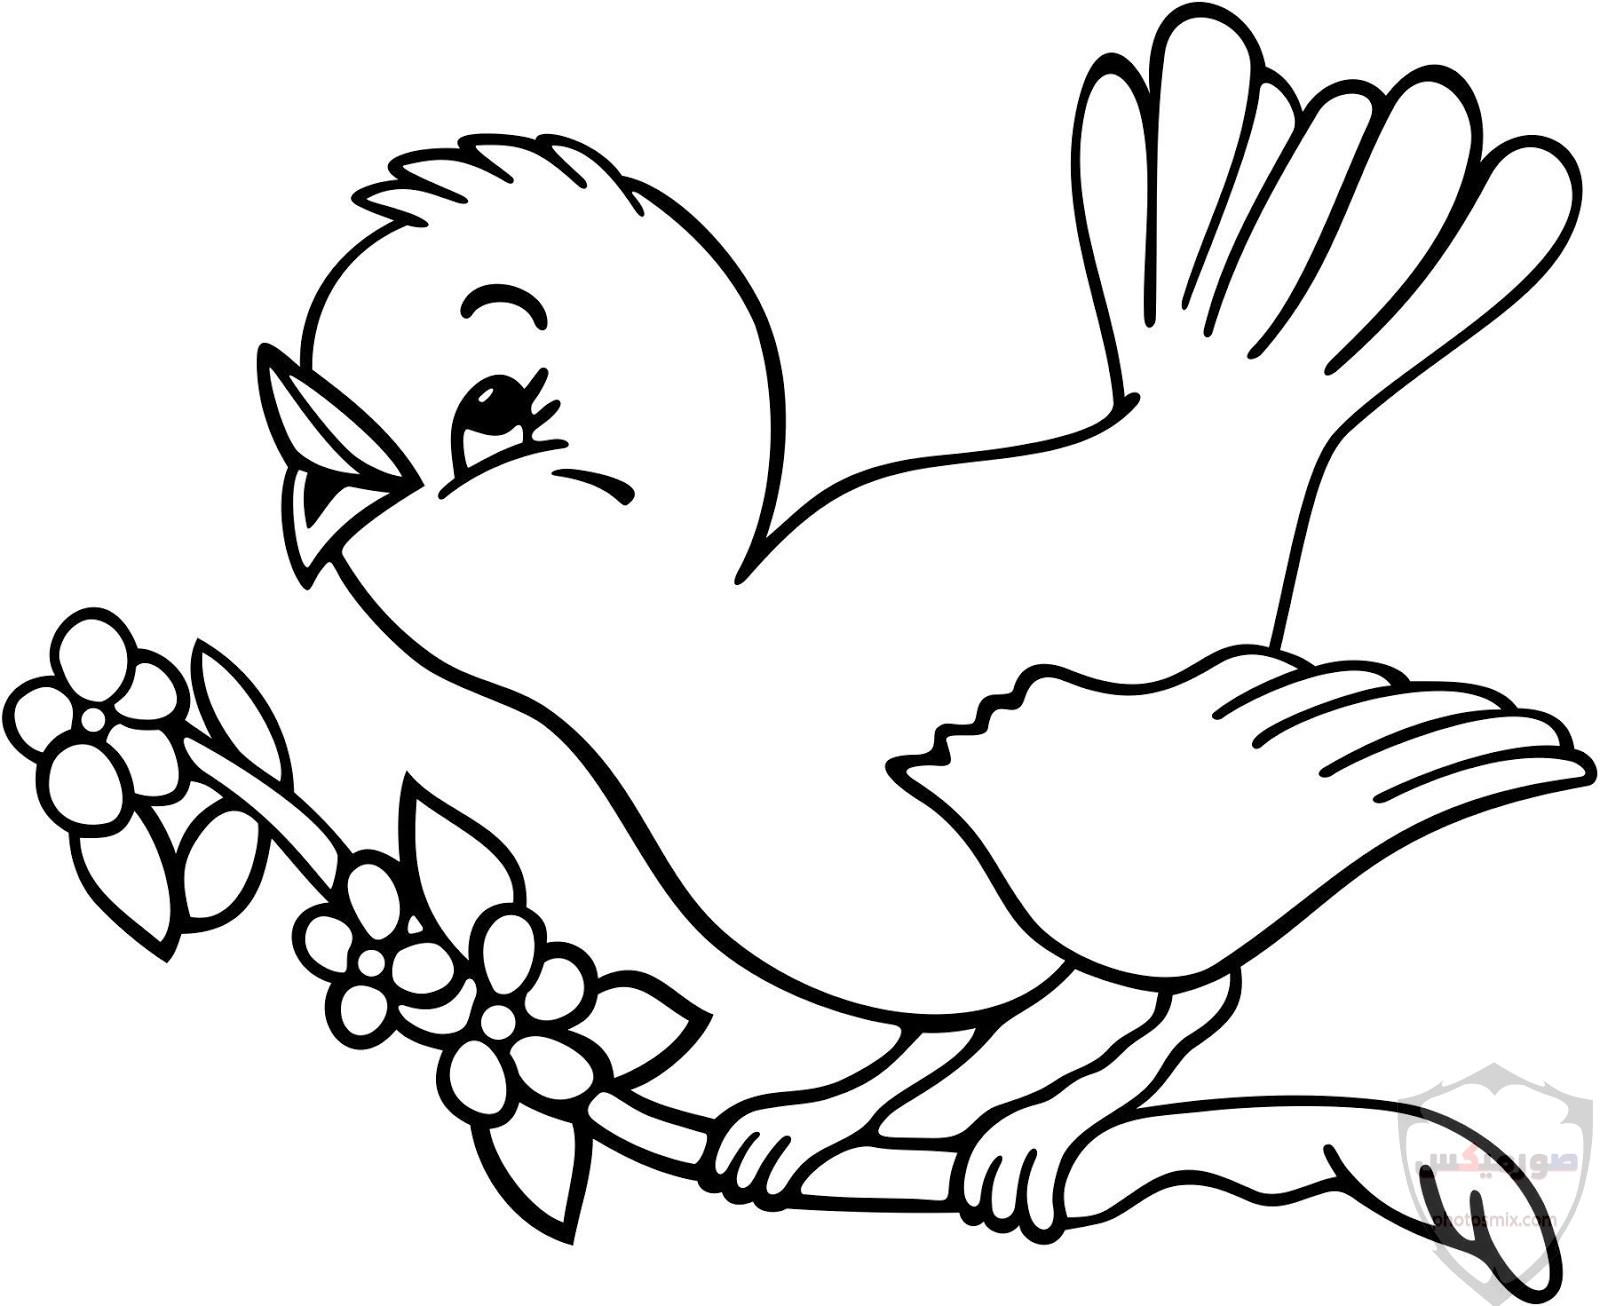 صور طيور. صور طيور عافصير ملونة الحب للتصميم اجمل انستقرام رمزيات طائر الربيع جمال الطيور. اجمل العصافير طيور الربيع صور عصفور 1